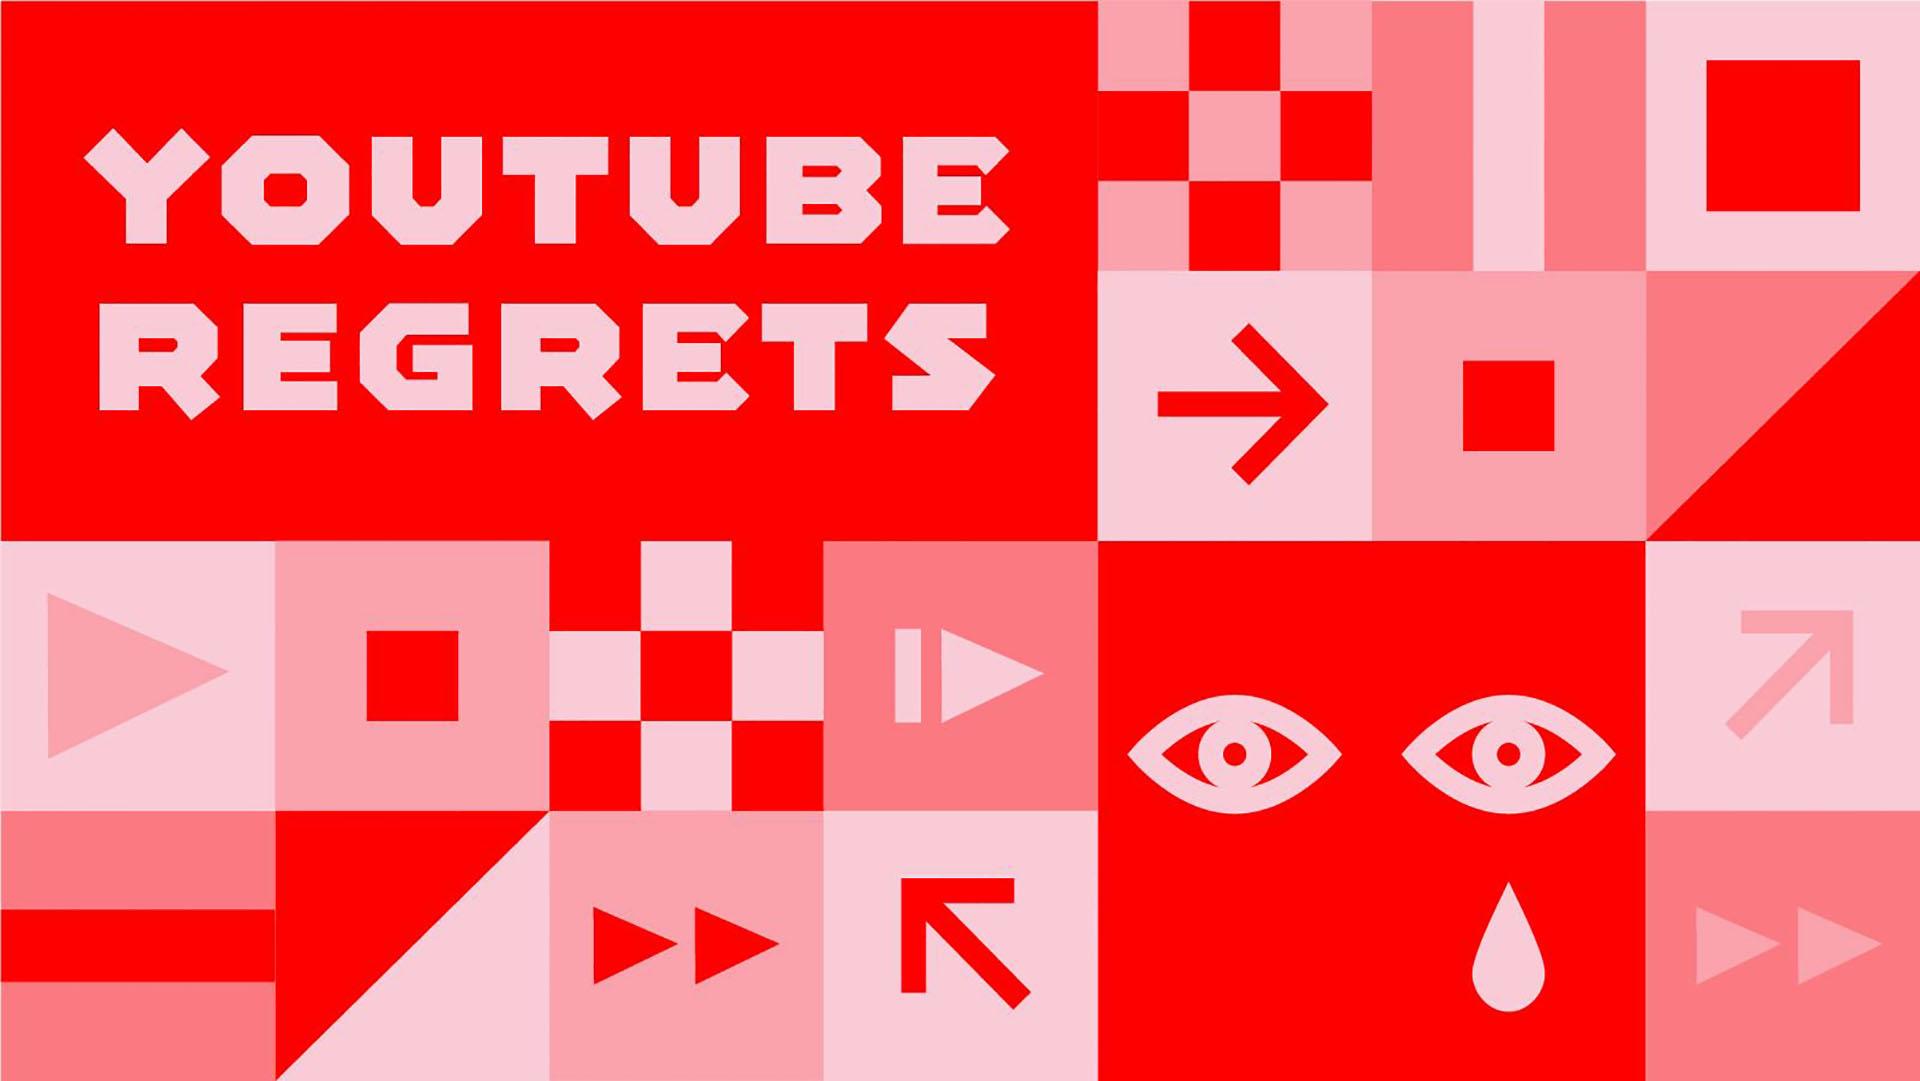 Mozilla publie des témoignages sur les horreurs de l'algorithme de YouTube